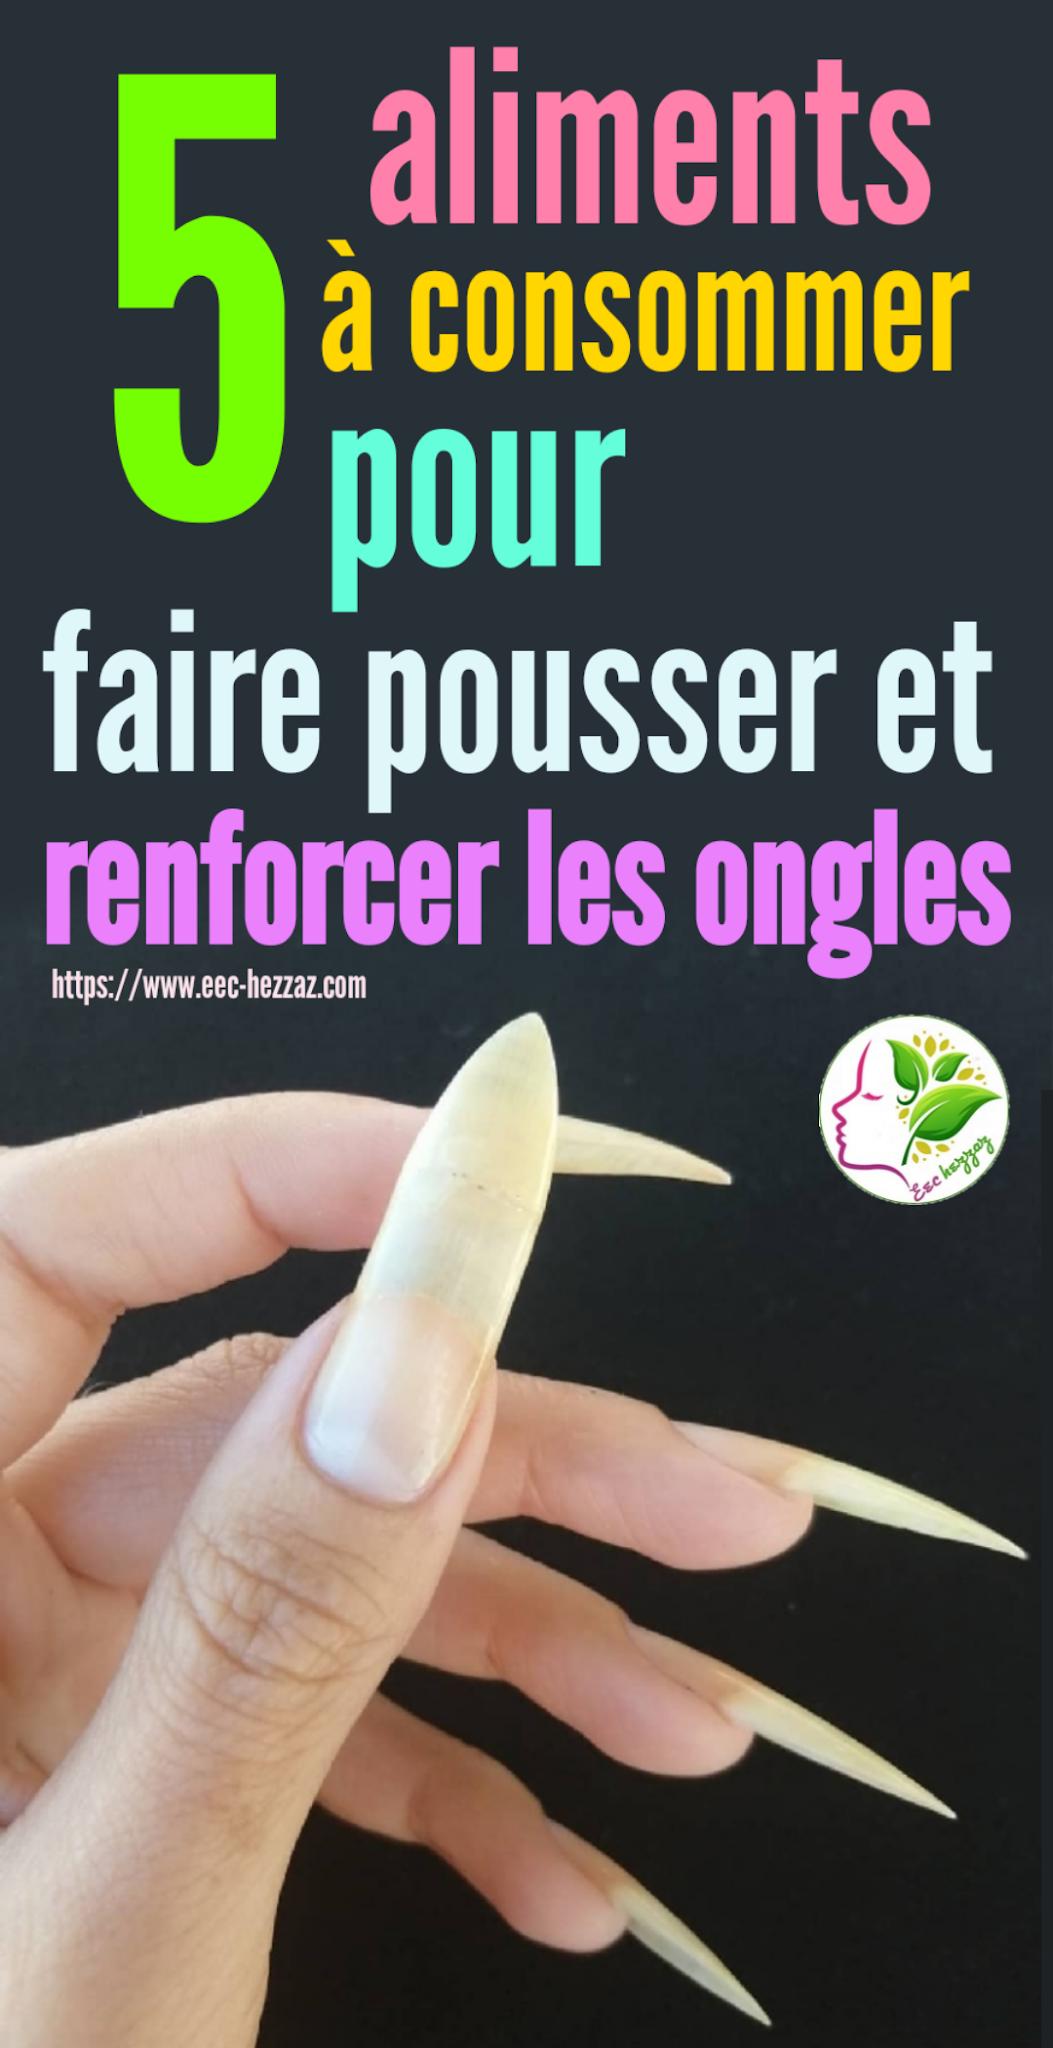 5 aliments à consommer pour faire pousser et renforcer les ongles